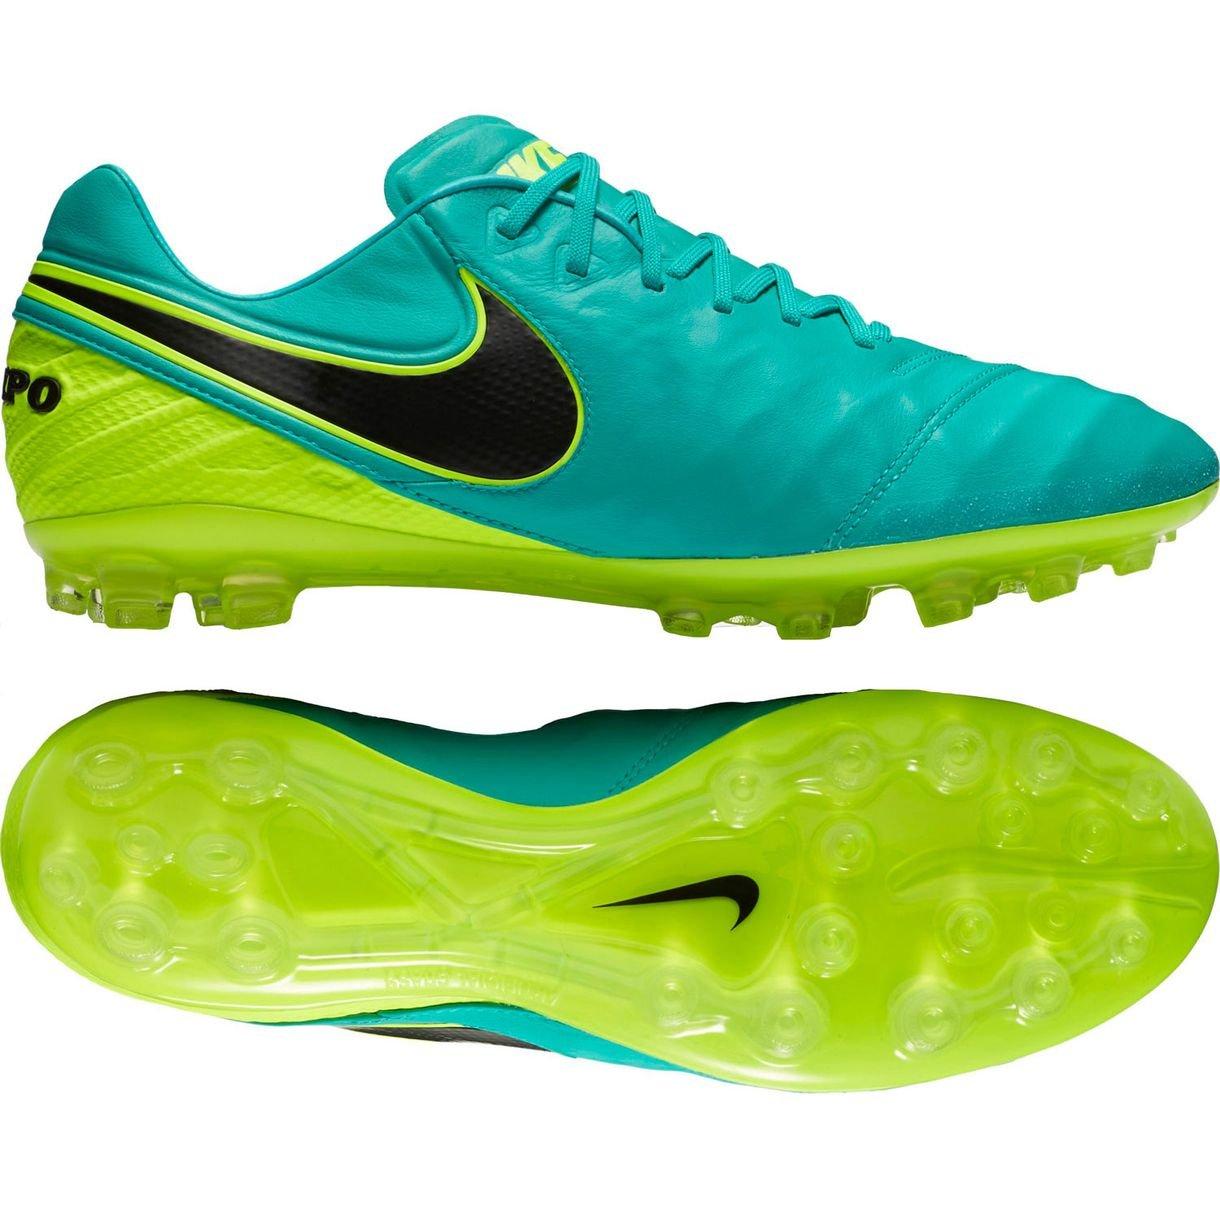 wholesale dealer 818c7 3d658 Amazon.com | NIKE Tiempo Legend VI AG Mens Size 9.5 Soccer ...